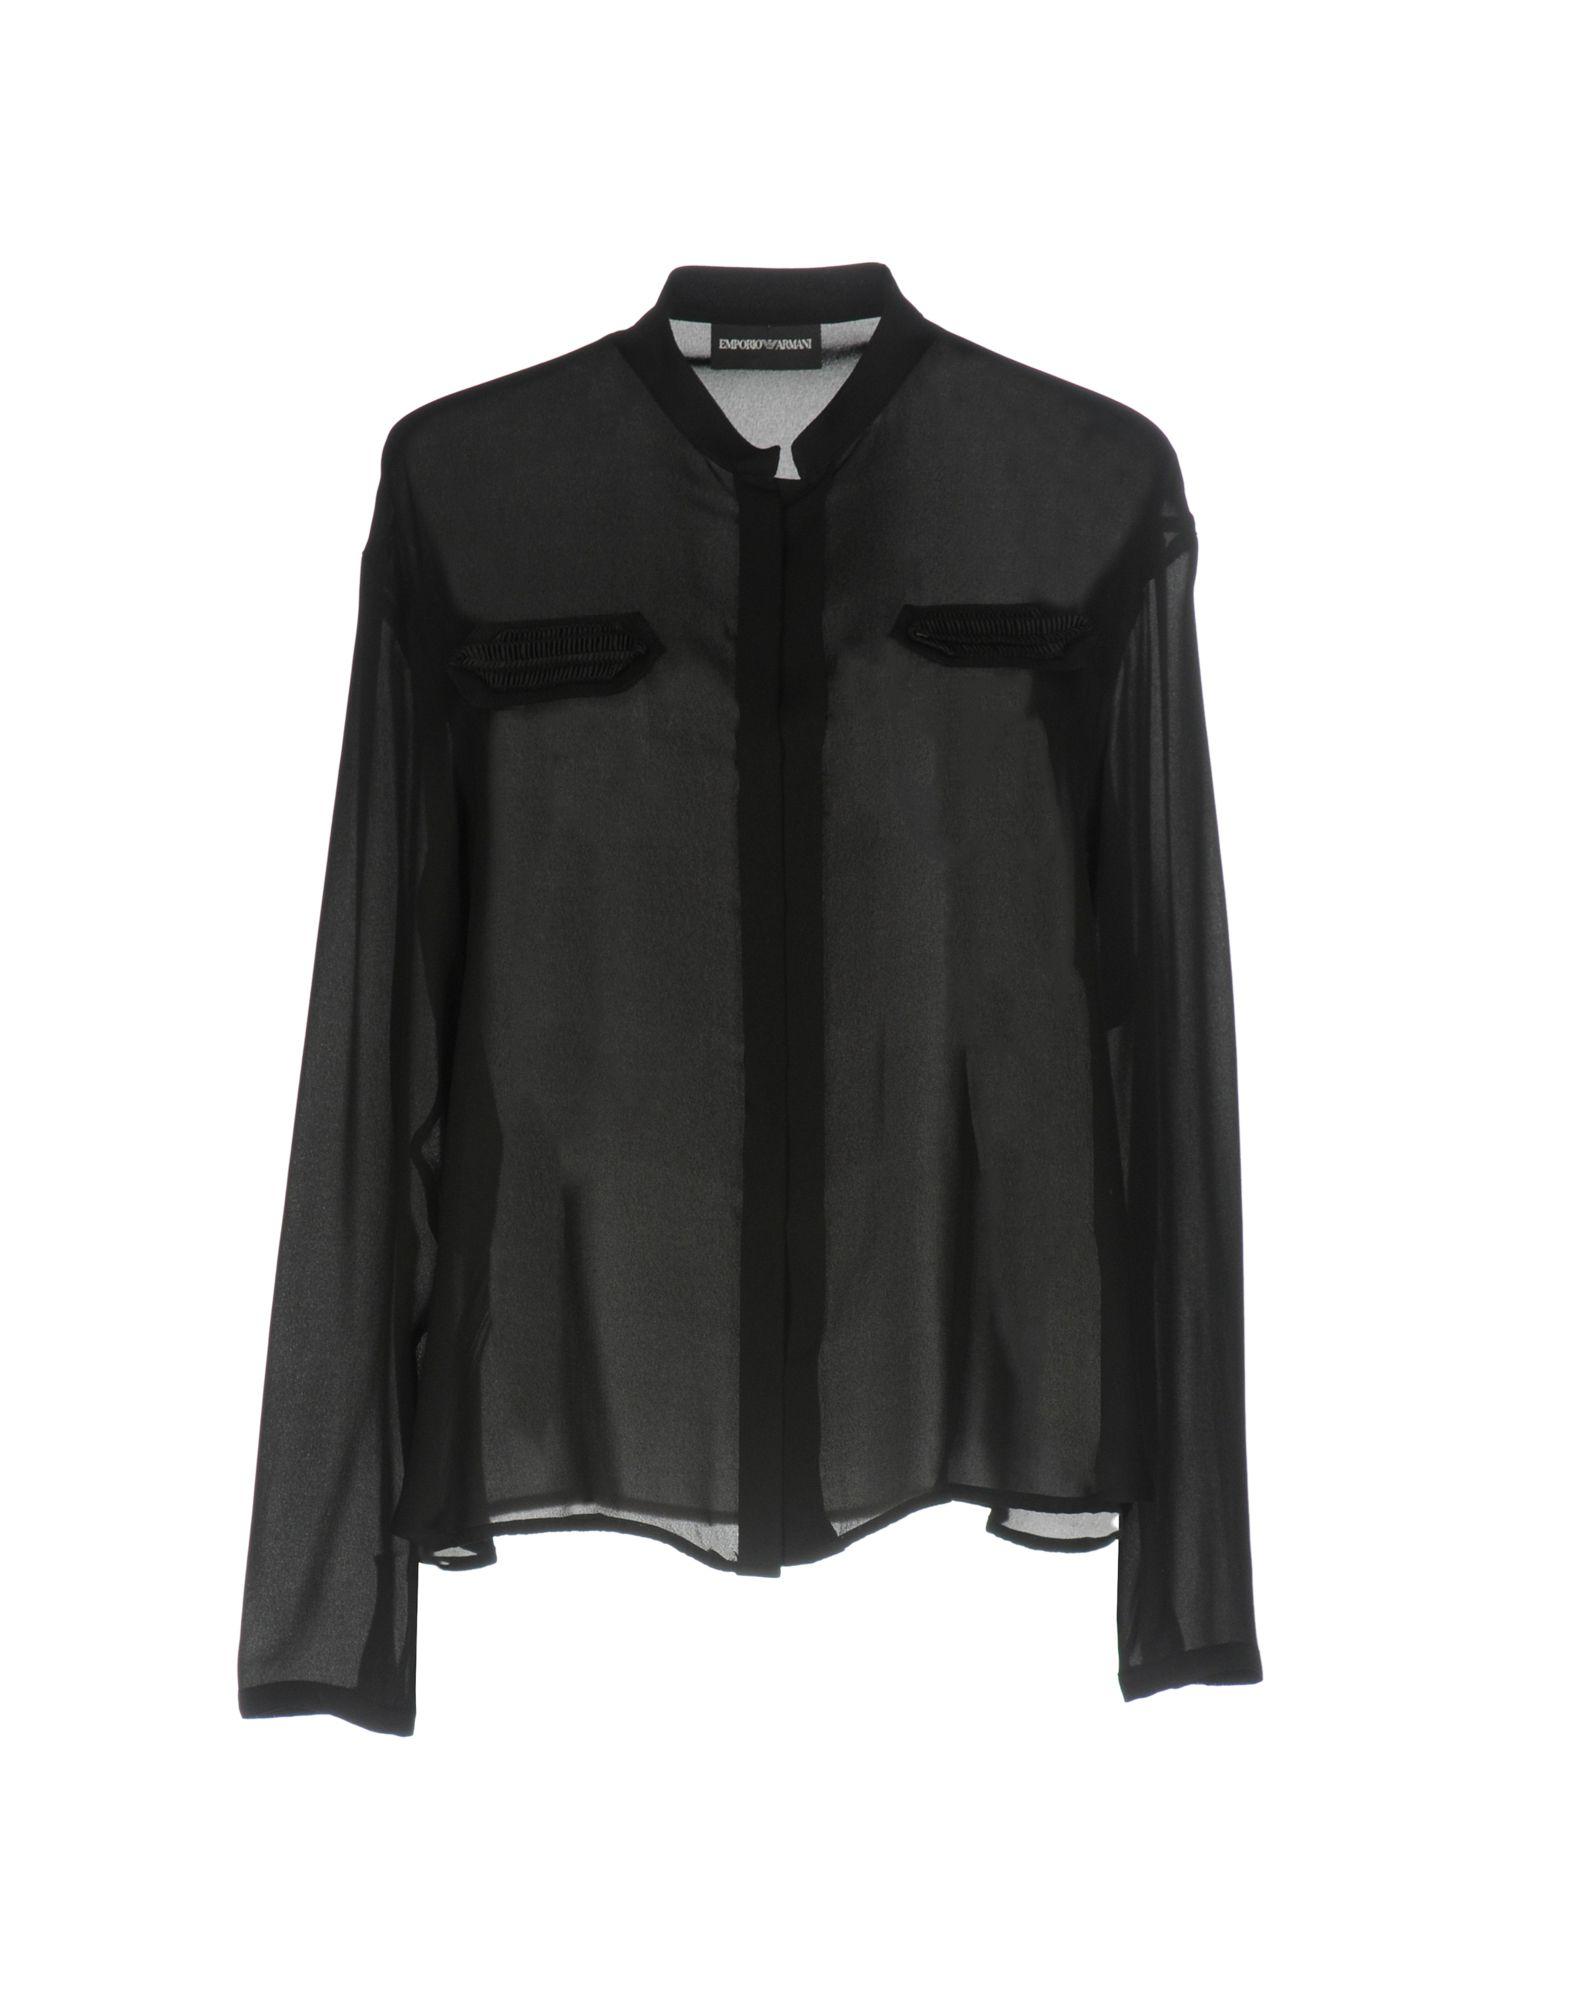 EMPORIO ARMANI Damen Hemd Farbe Schwarz Größe 4